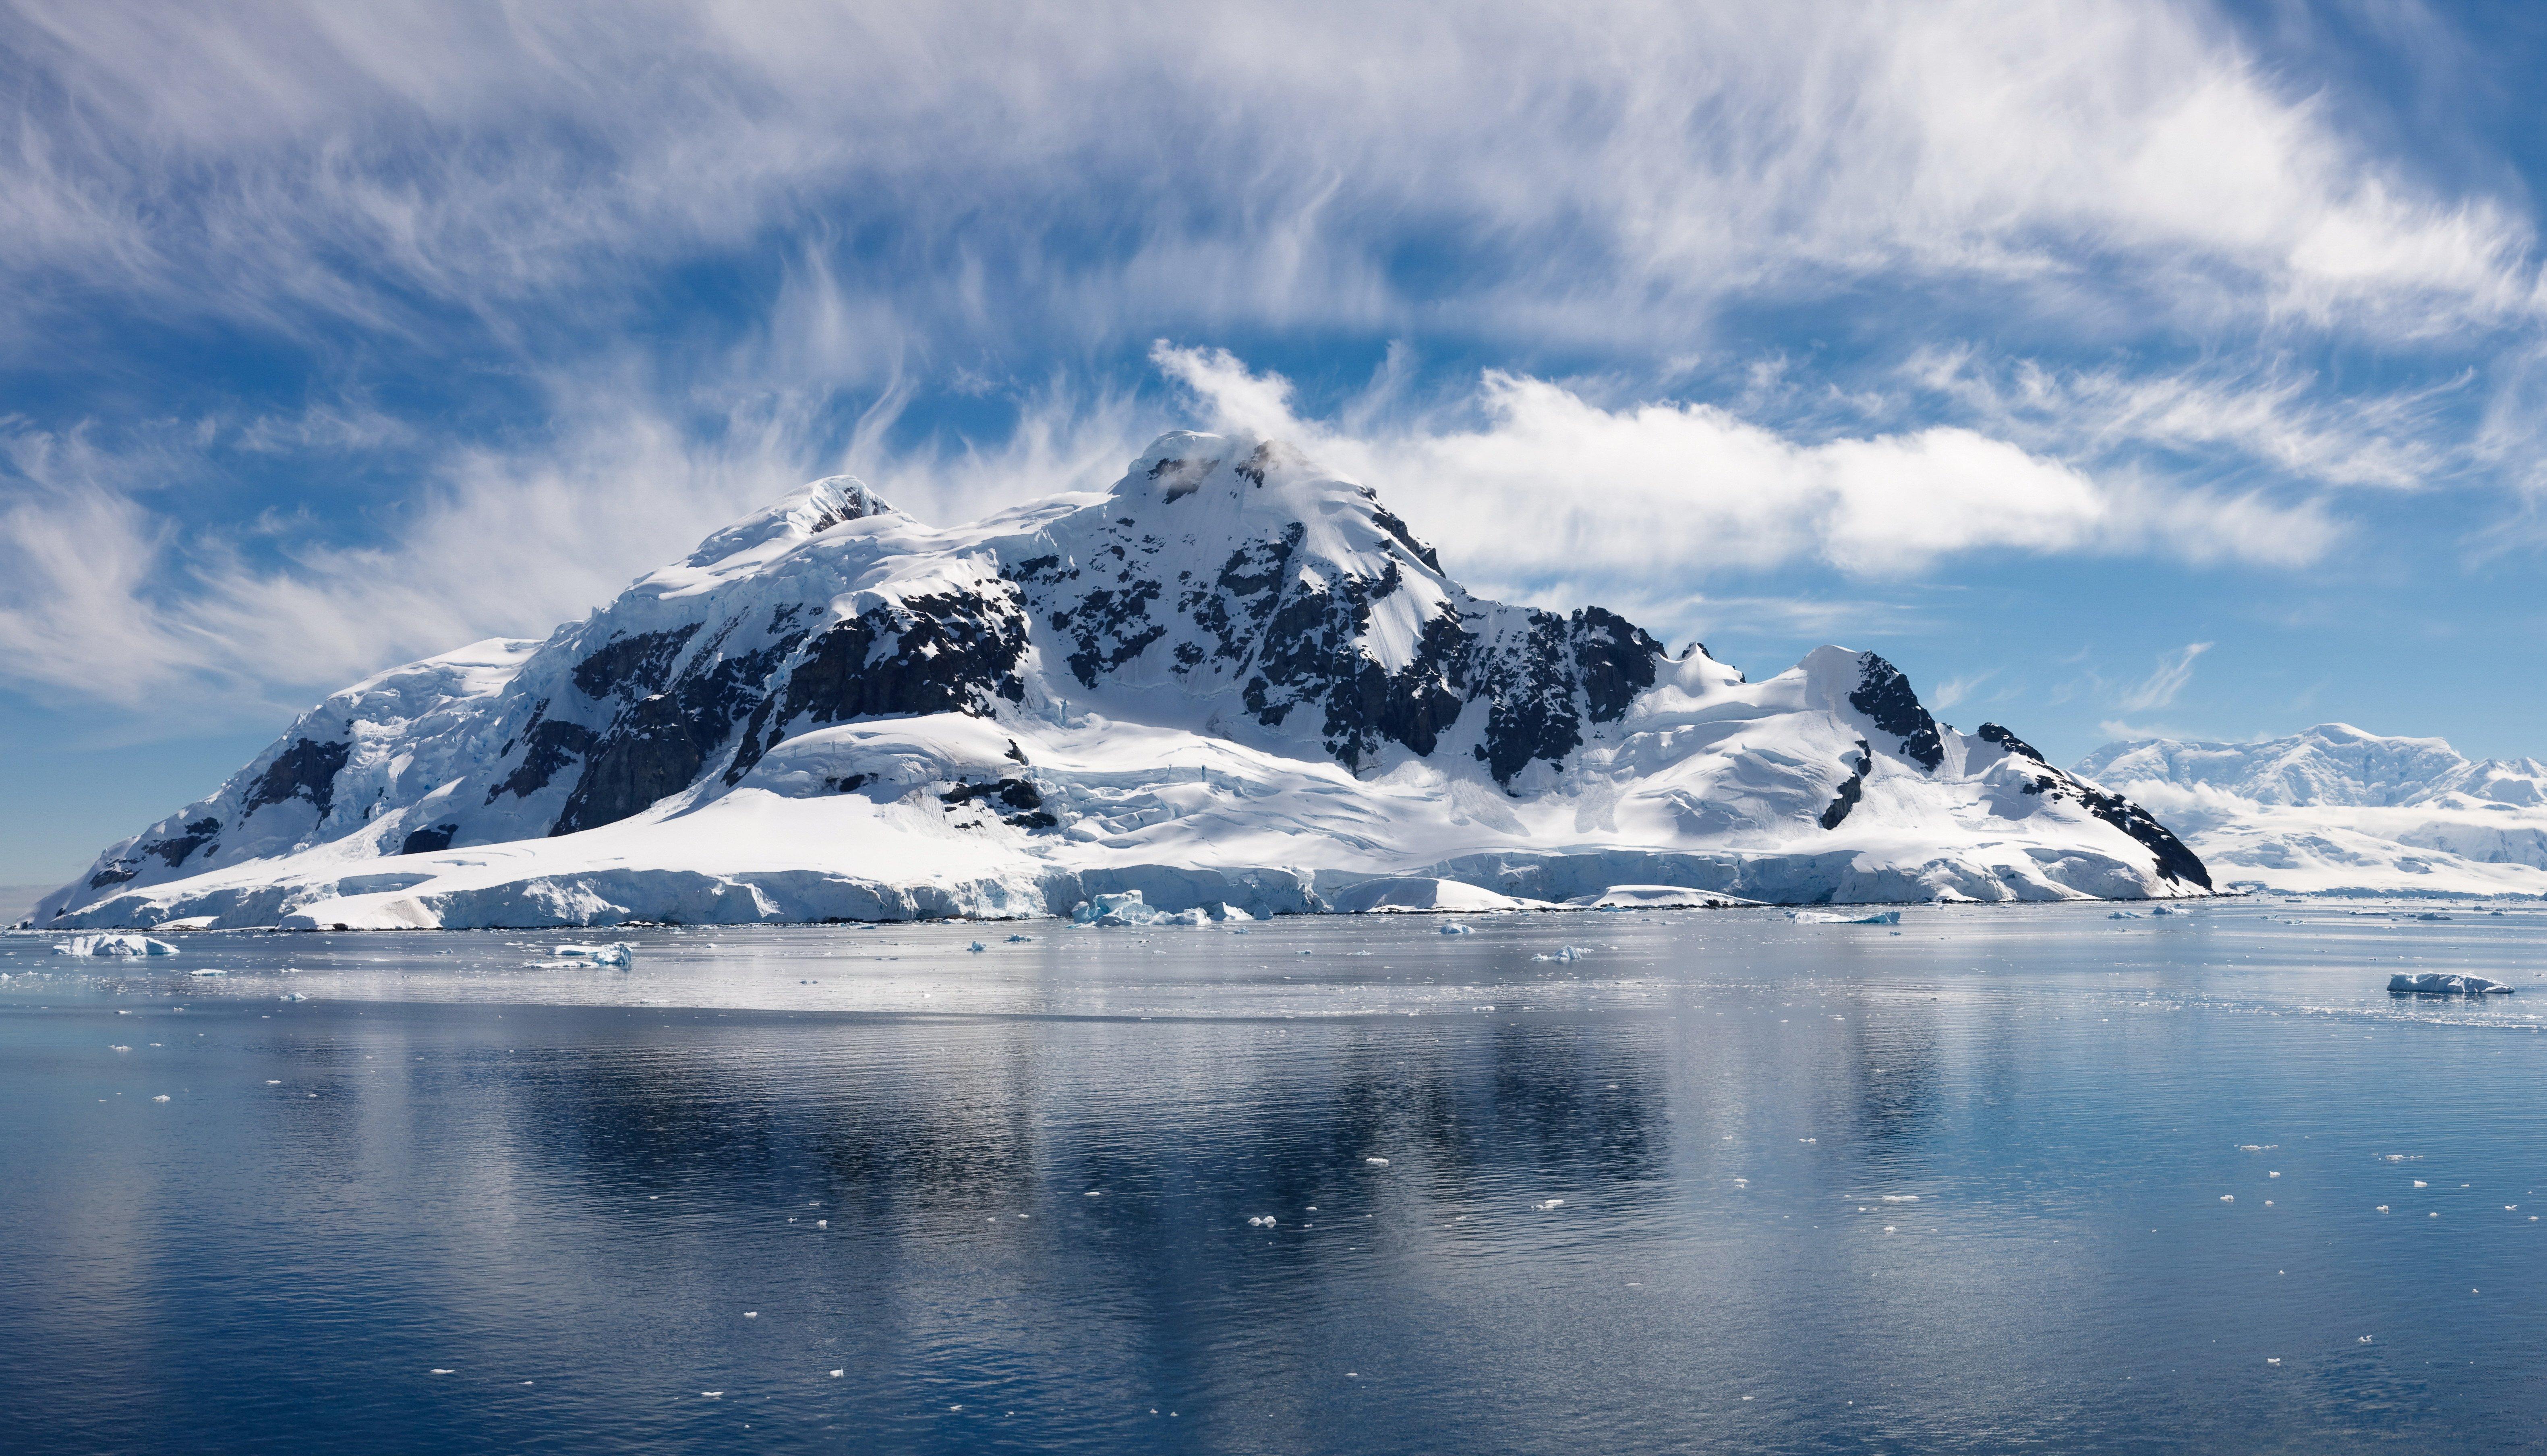 Fondos de pantalla Montañas nevadas en Océano Ártico